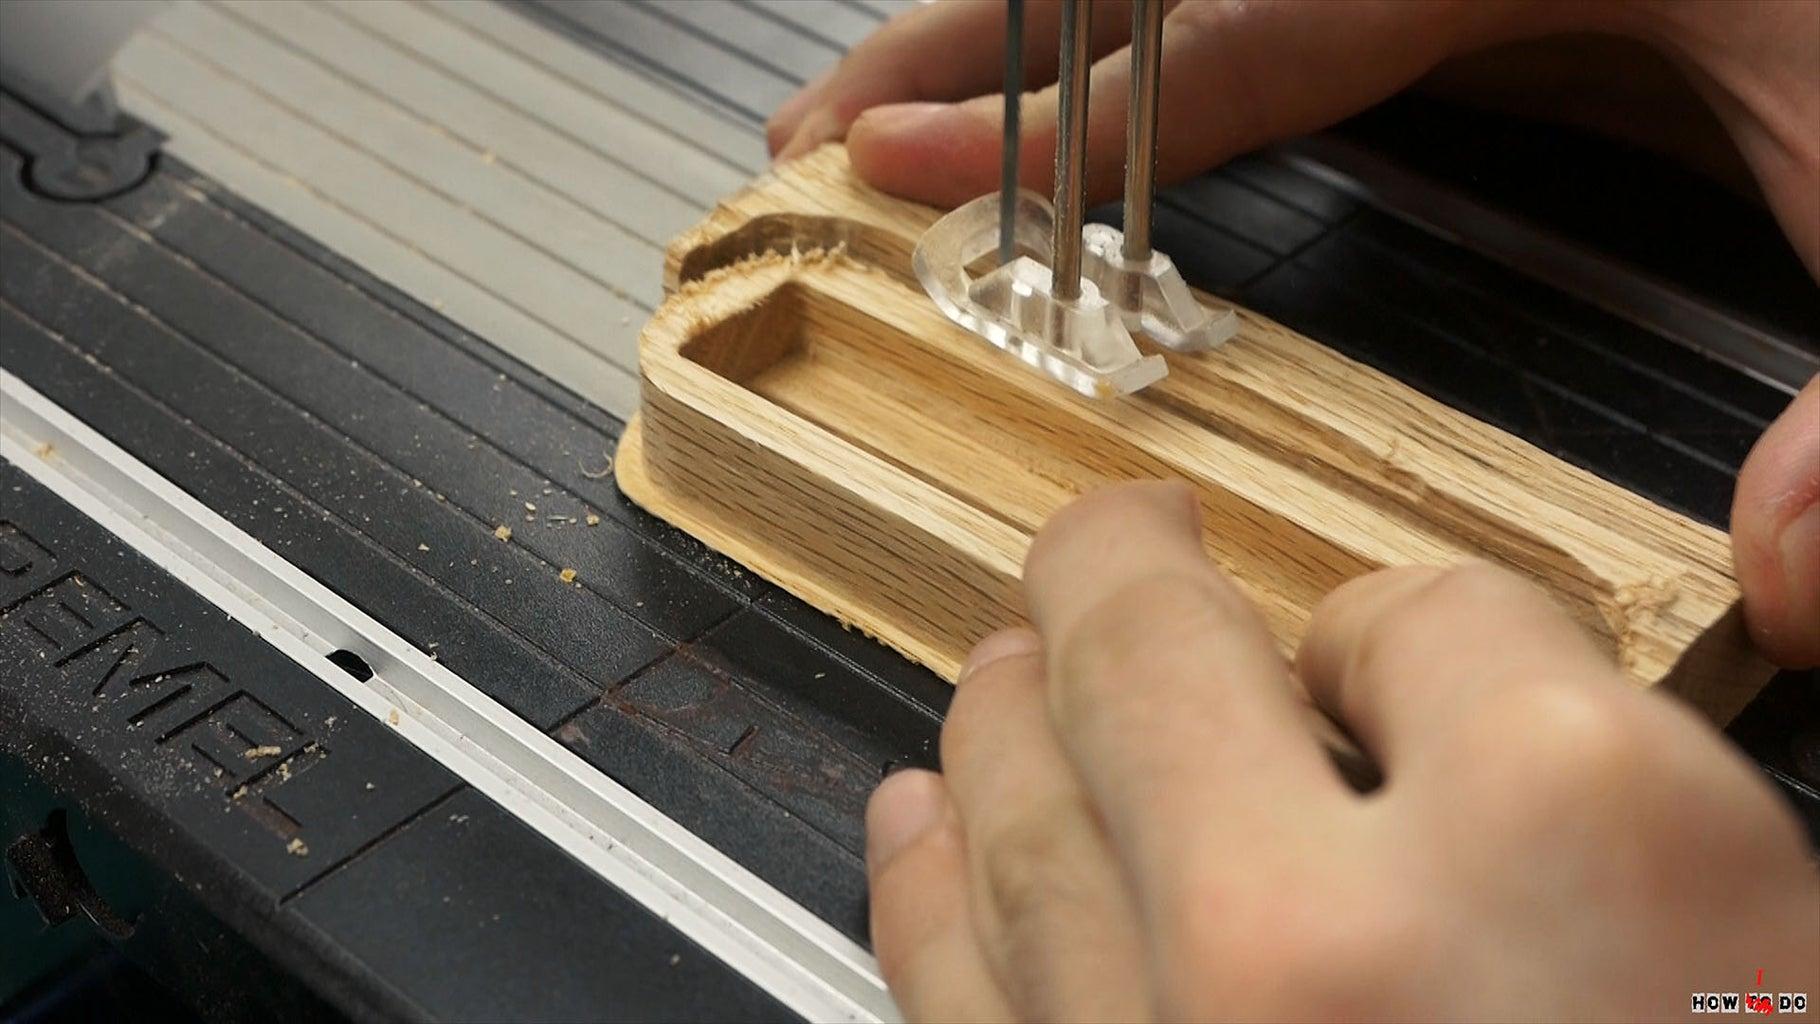 Sawing a Workpiece